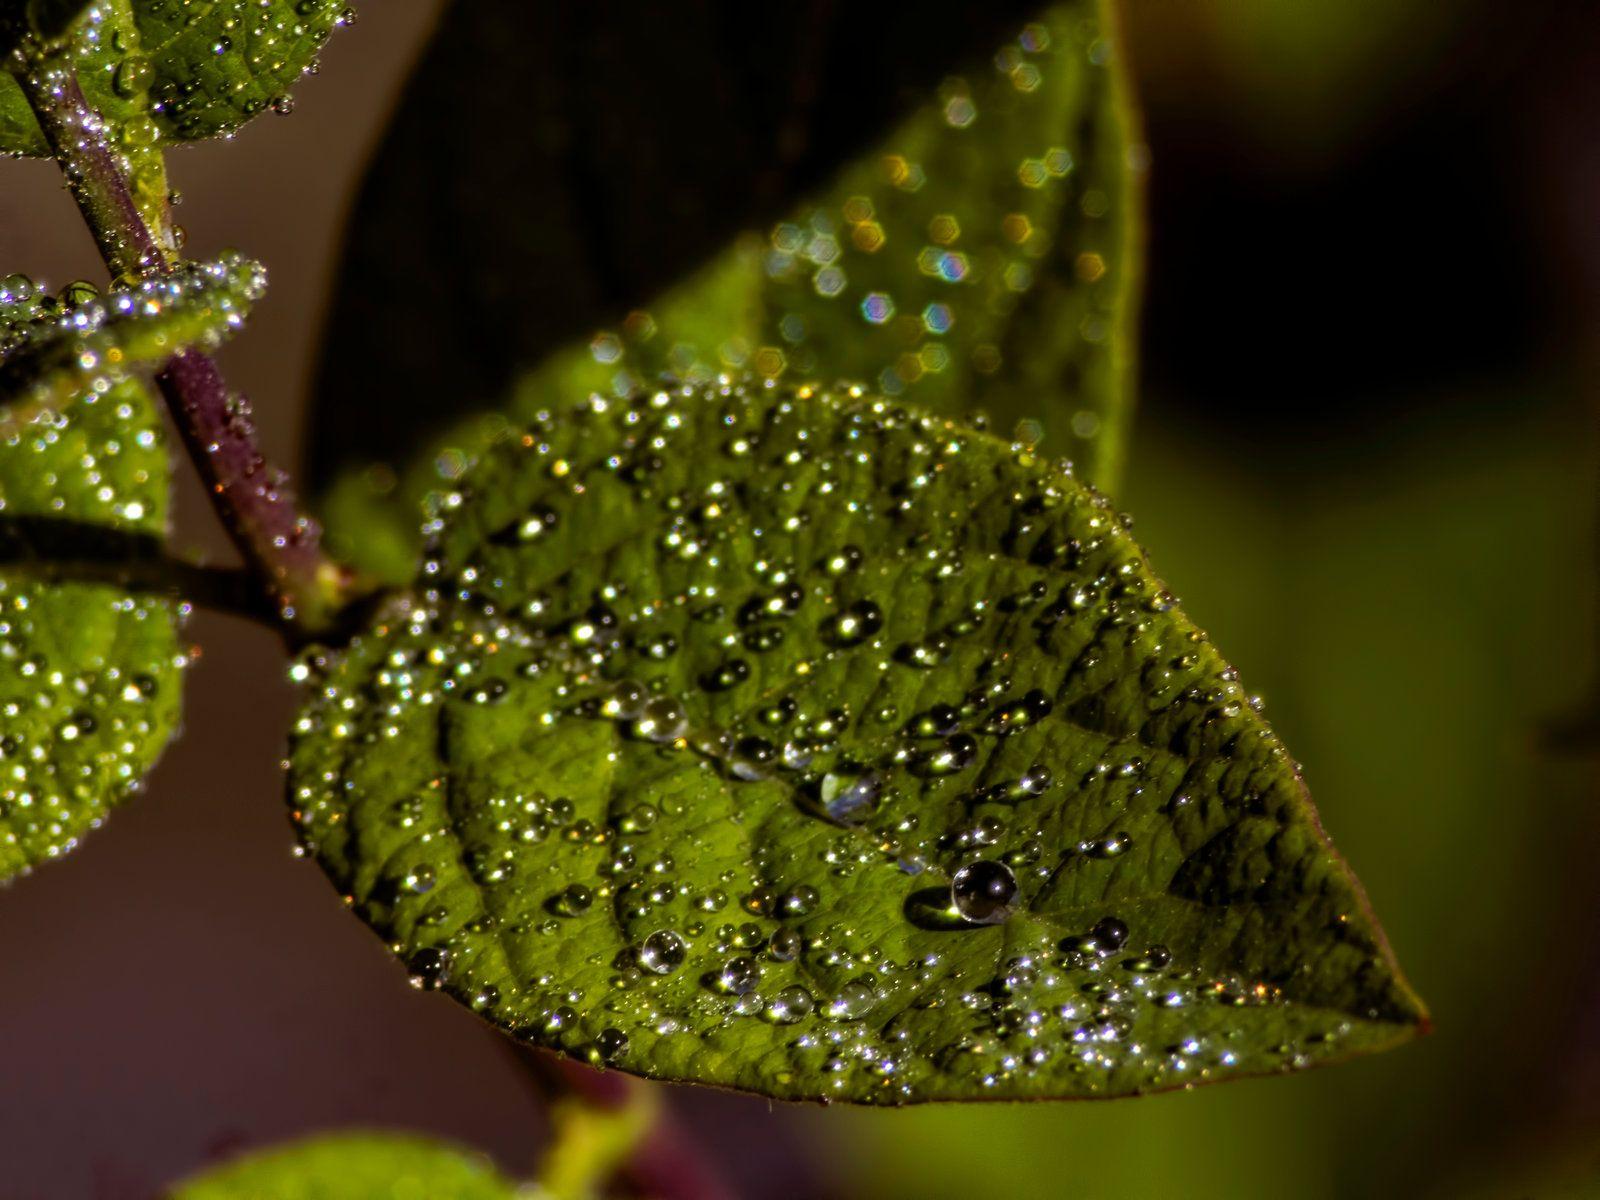 Drops on leaves 5 by Mackingster.deviantart.com on @DeviantArt